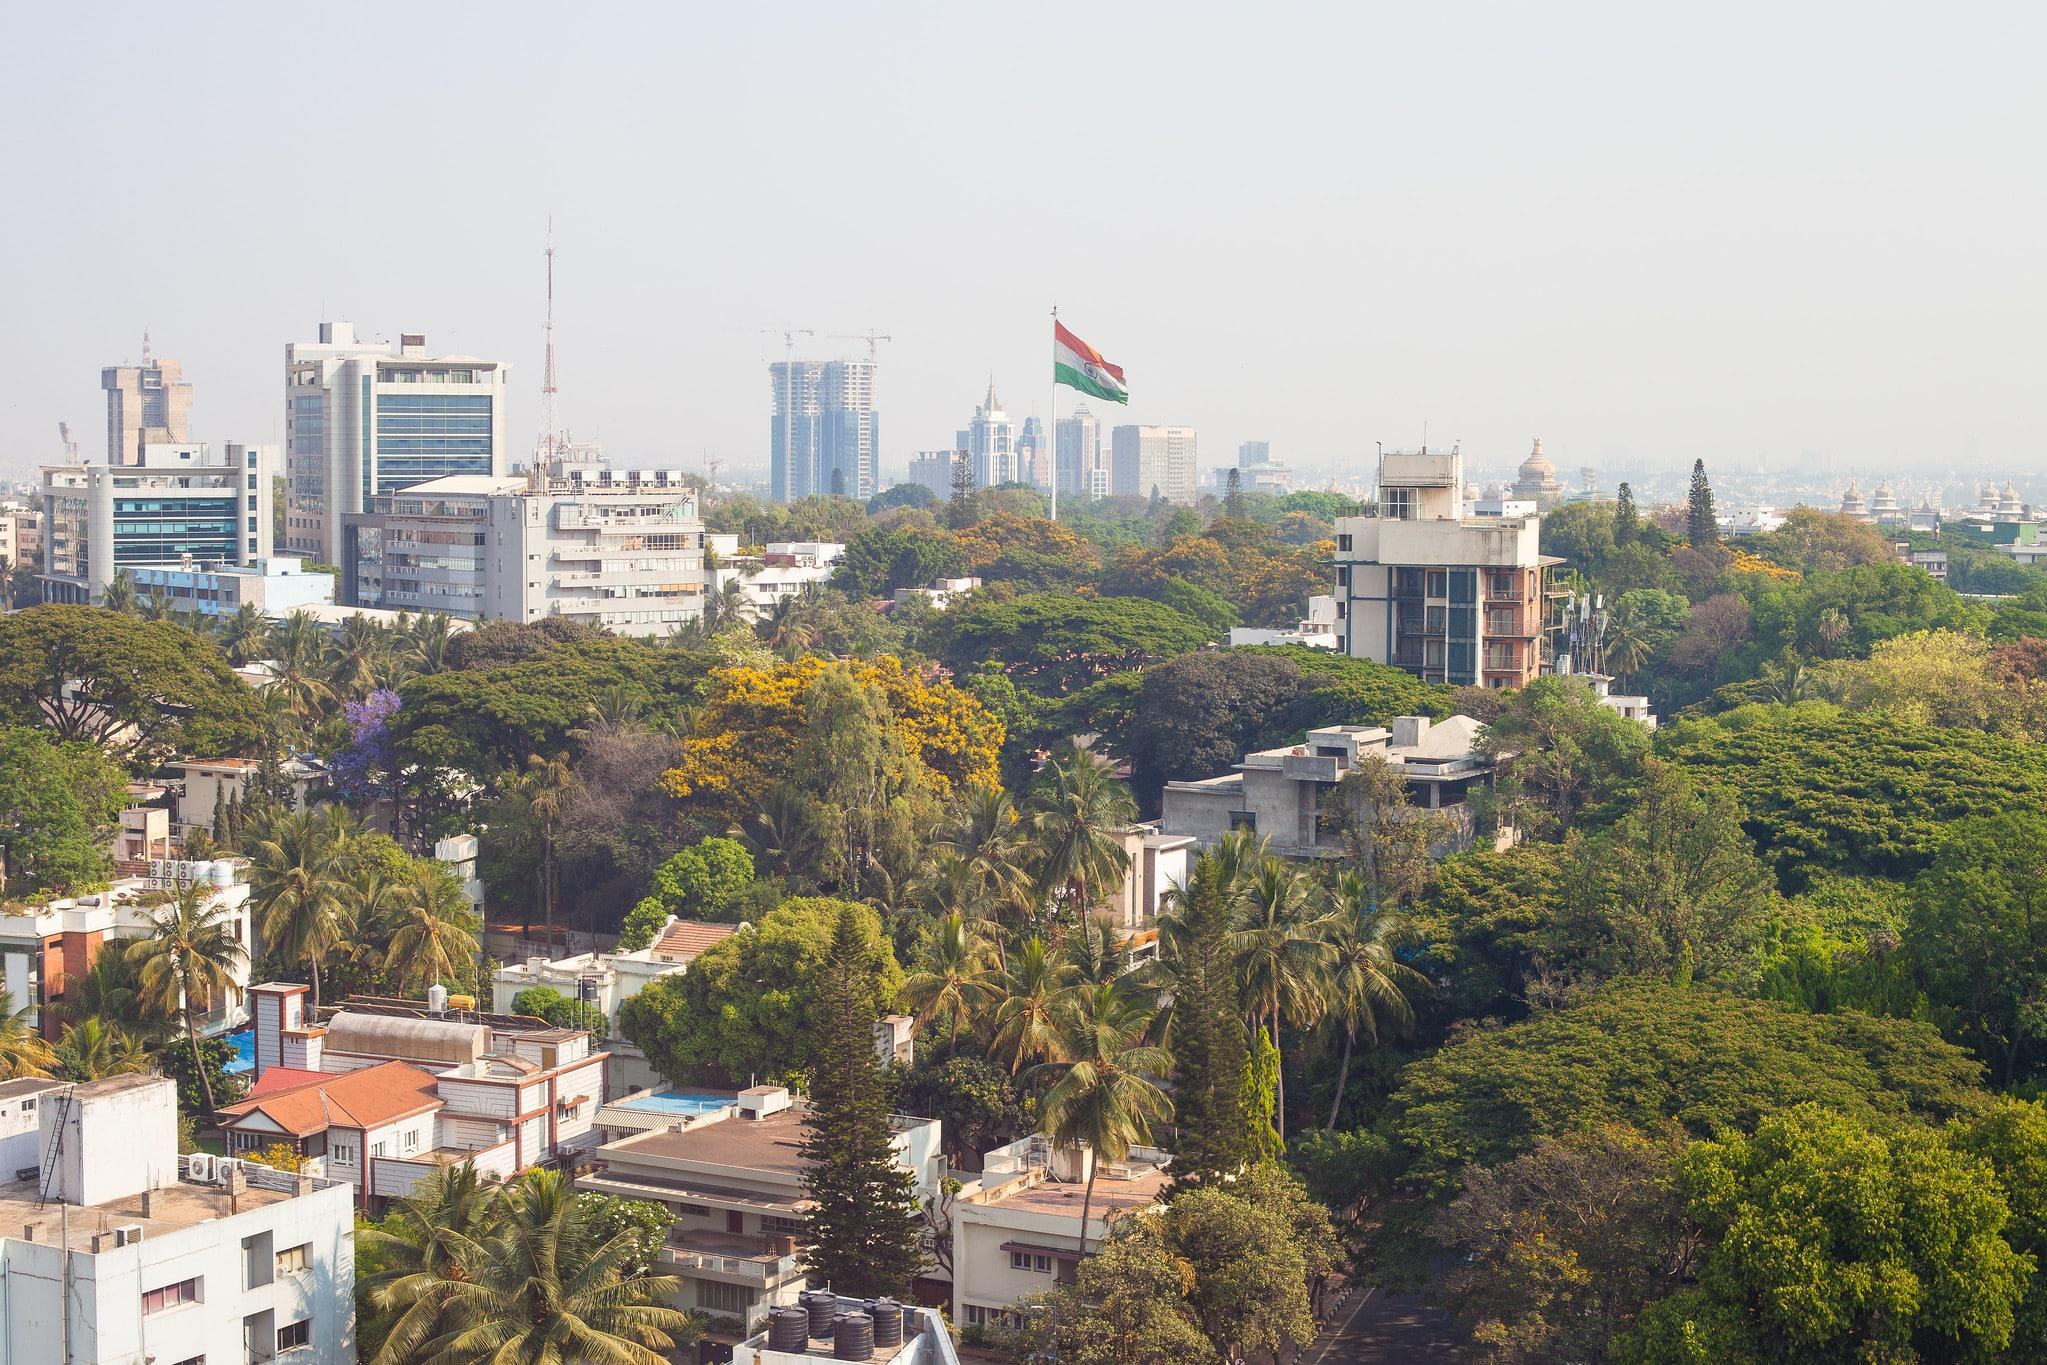 Inde : Huawei et ZTE écartés du développement 5G